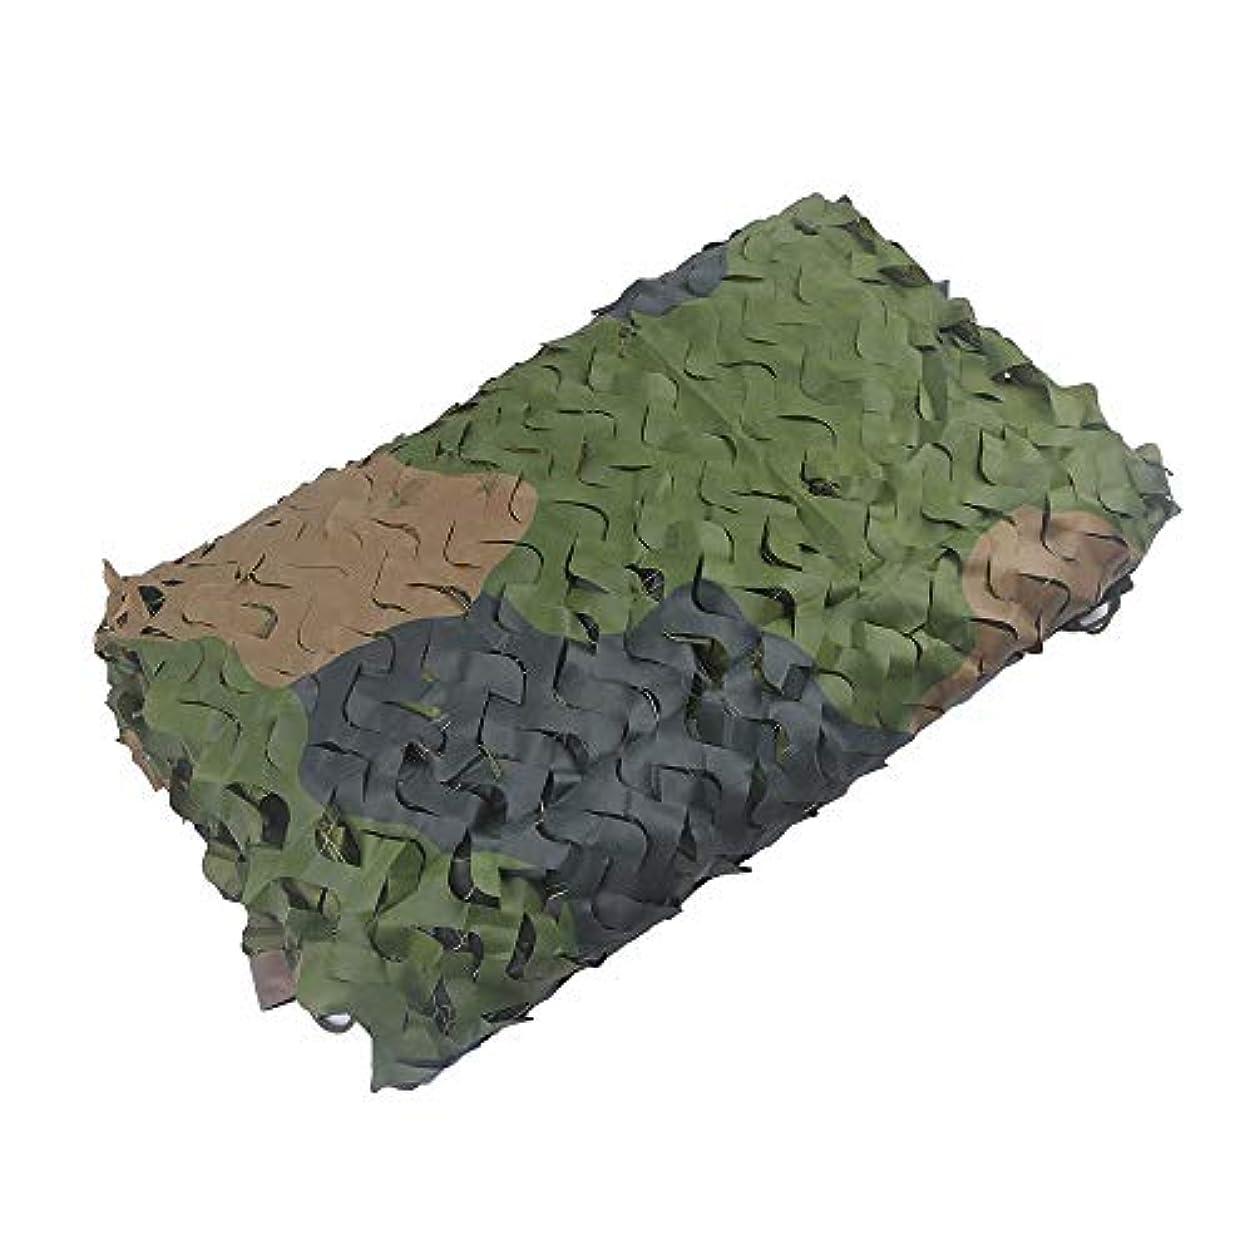 ロマンスドナー天の日焼け止めネットカバーオックスフォードテント 迷彩日除け日焼け止めメッシュ日焼け止めテント、写真装飾ガーデンに適して、複数のサイズ利用可能、森 写真の庭の装飾 (サイズ さいず : 4*5M)